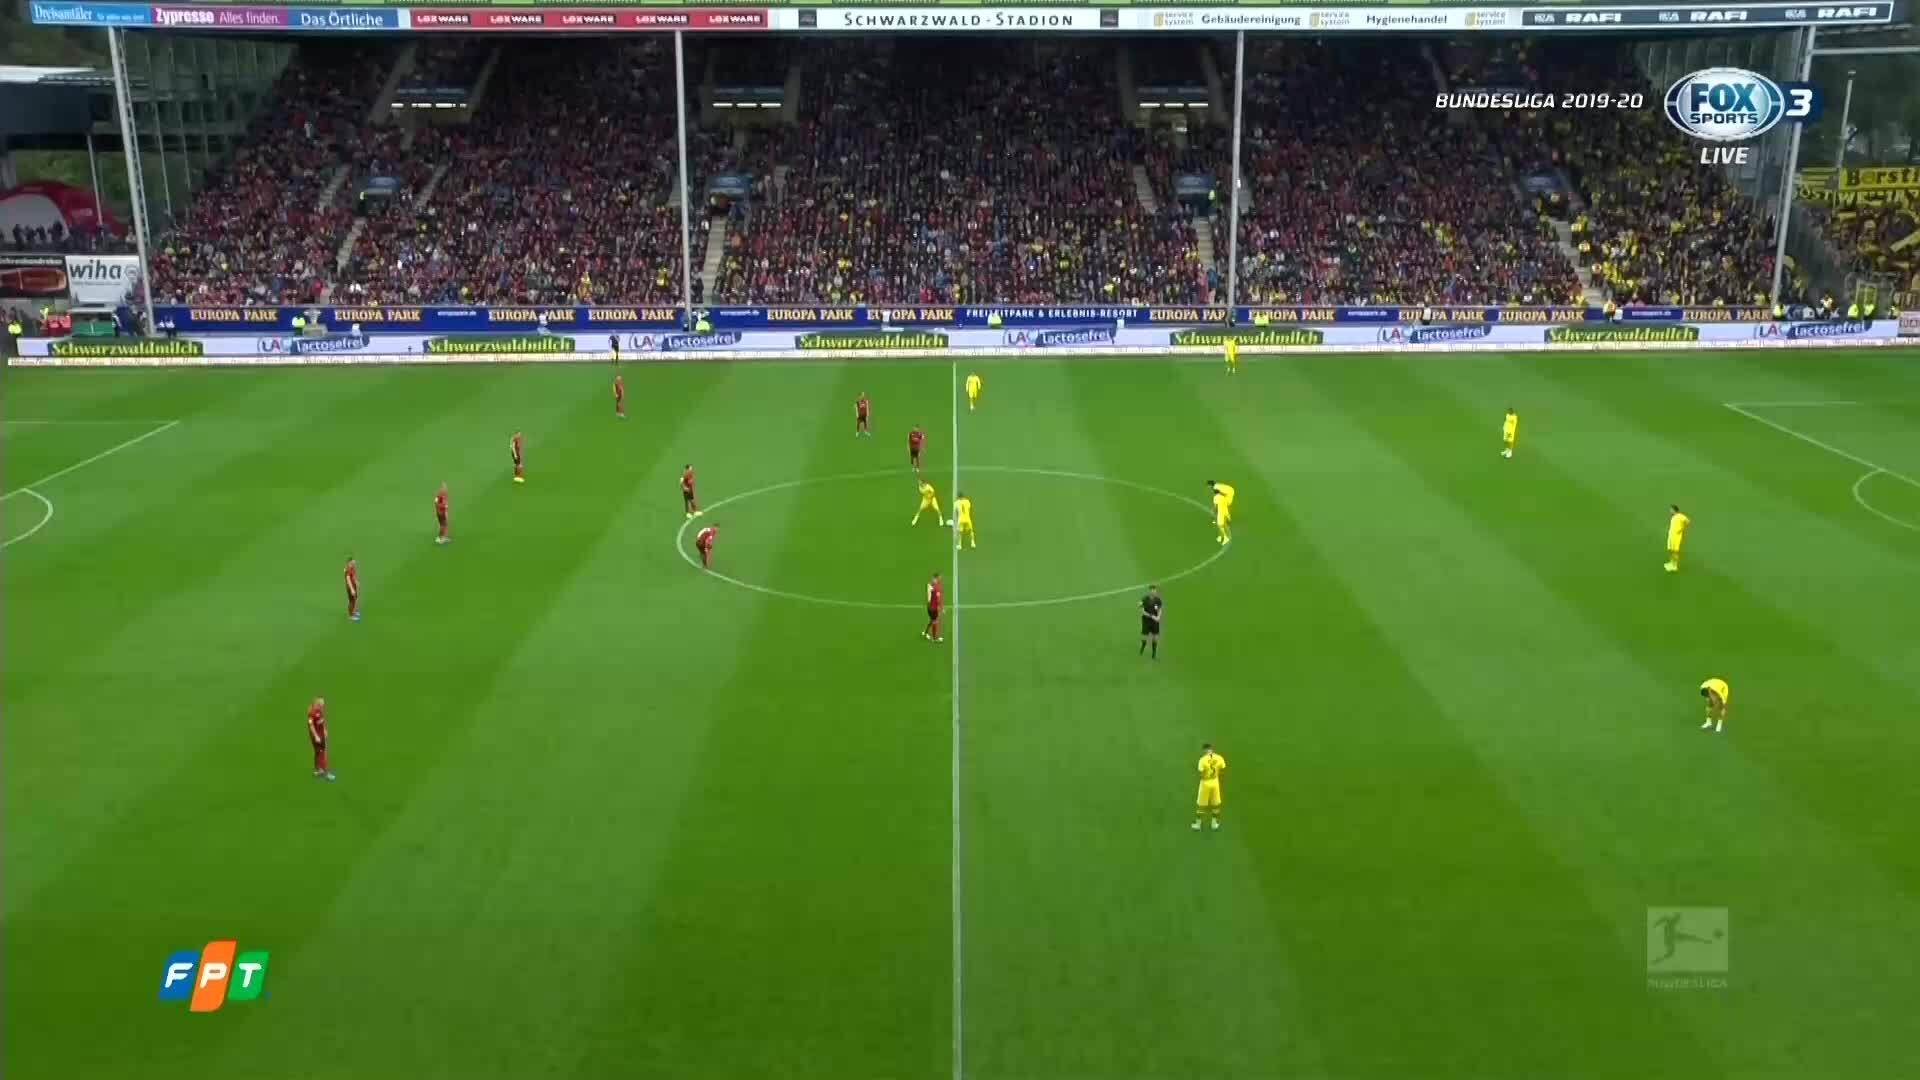 Freiburg 2-2 Dortmund